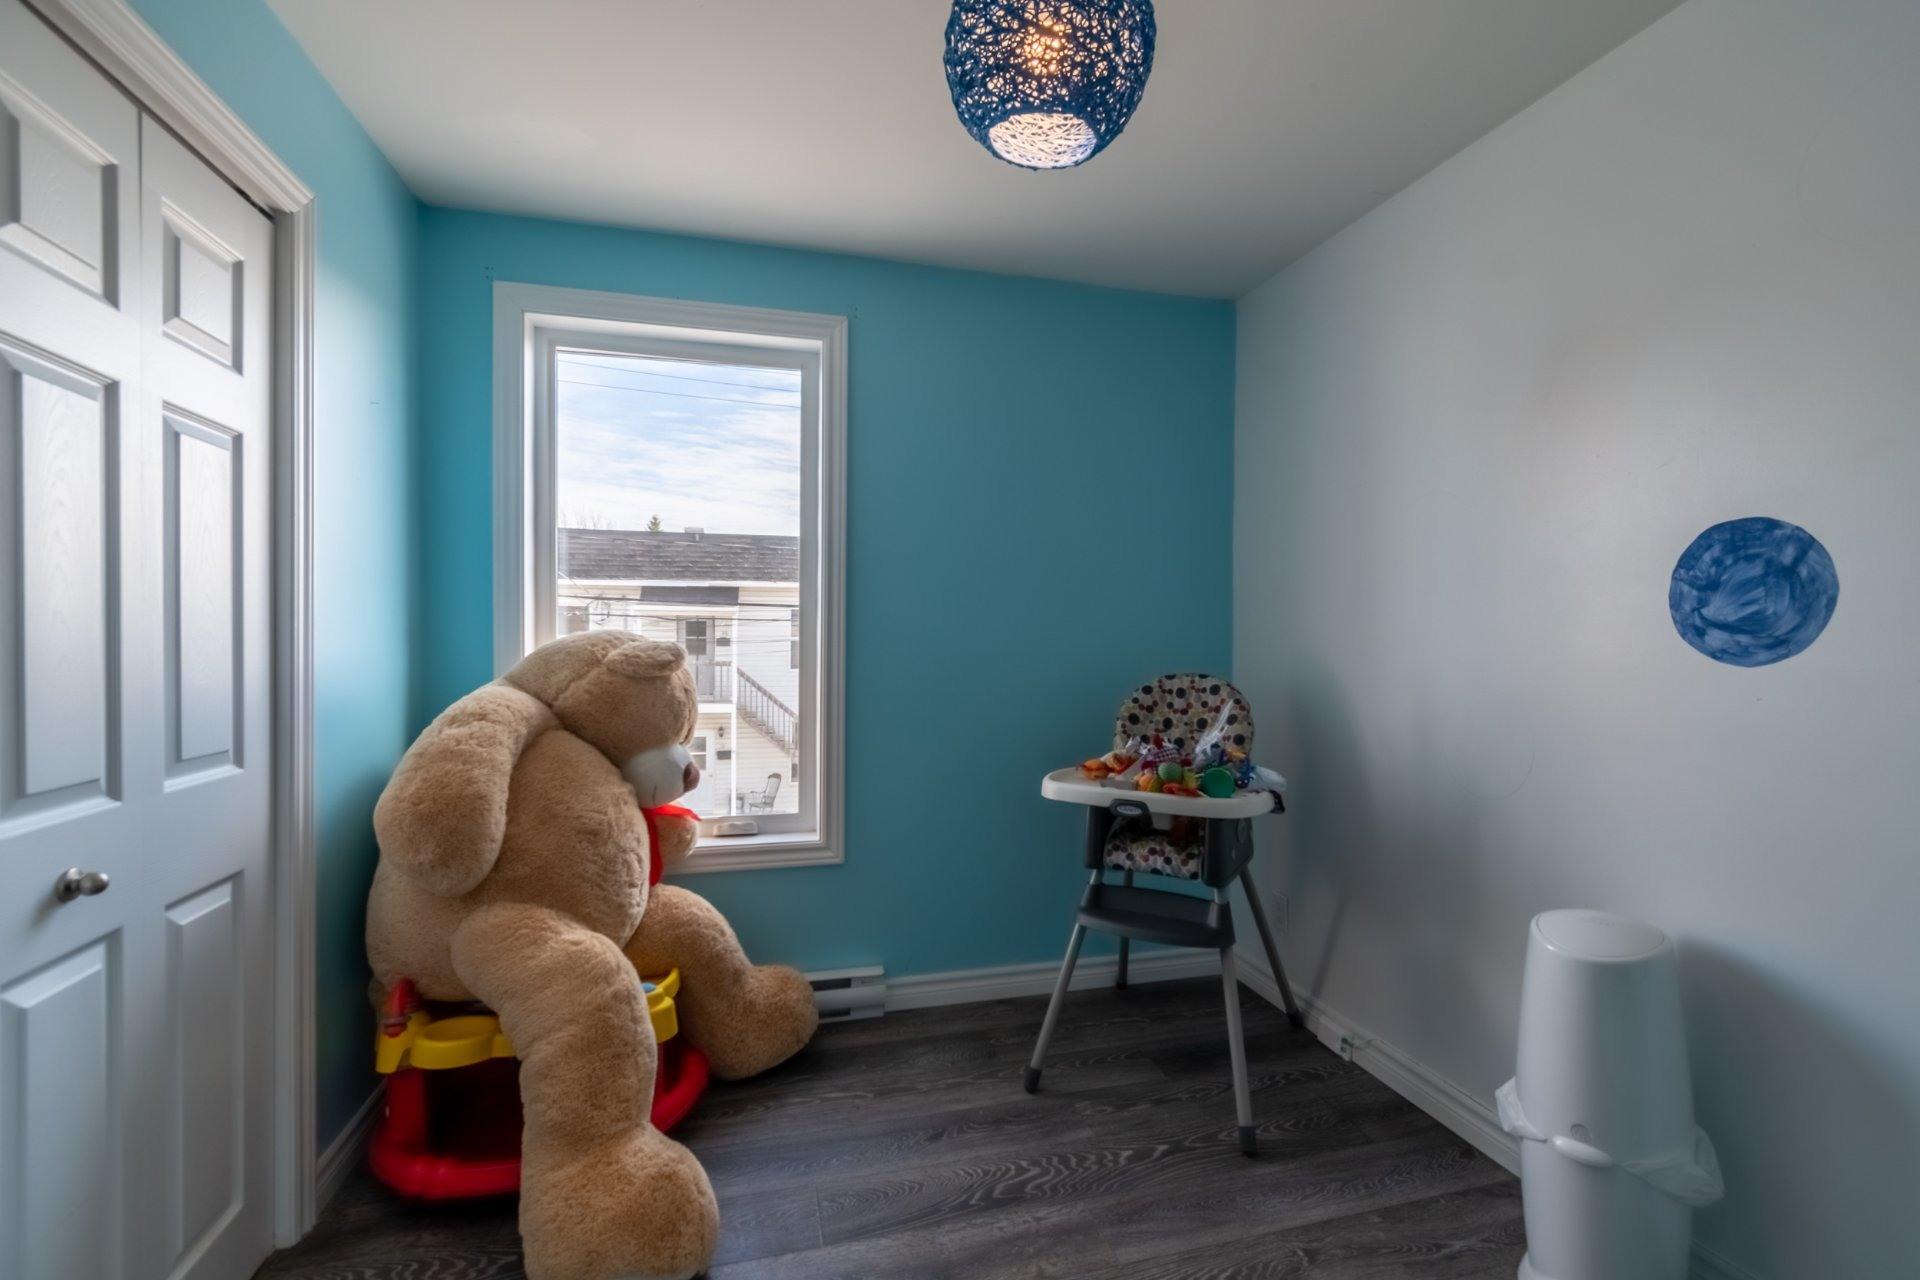 image 6 - Duplex À vendre Trois-Rivières - 4 pièces